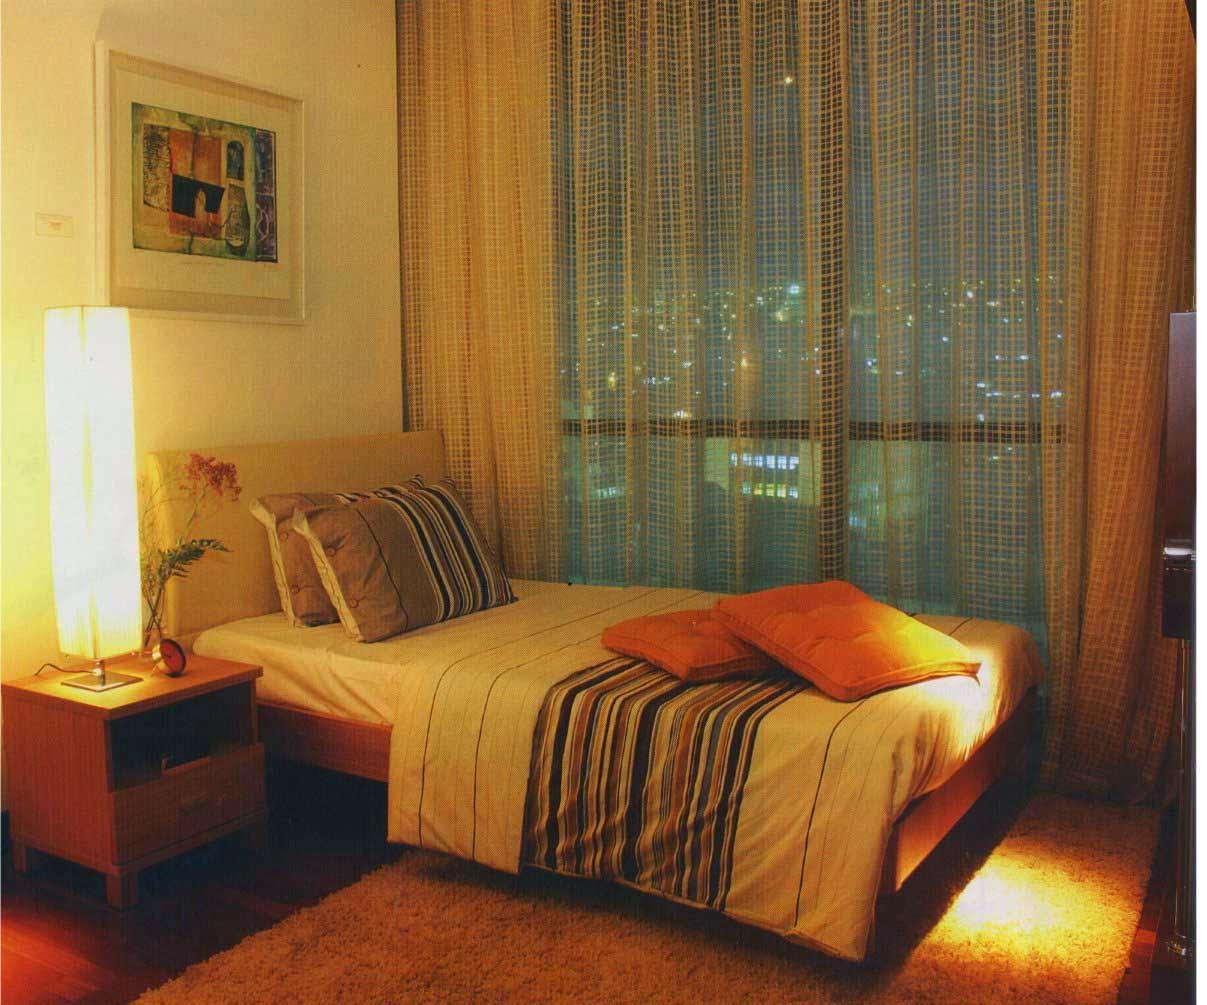 http://ruangantidur.blogspot.com/2014/12/pencahayaan-pada-ruangan-tidur.html